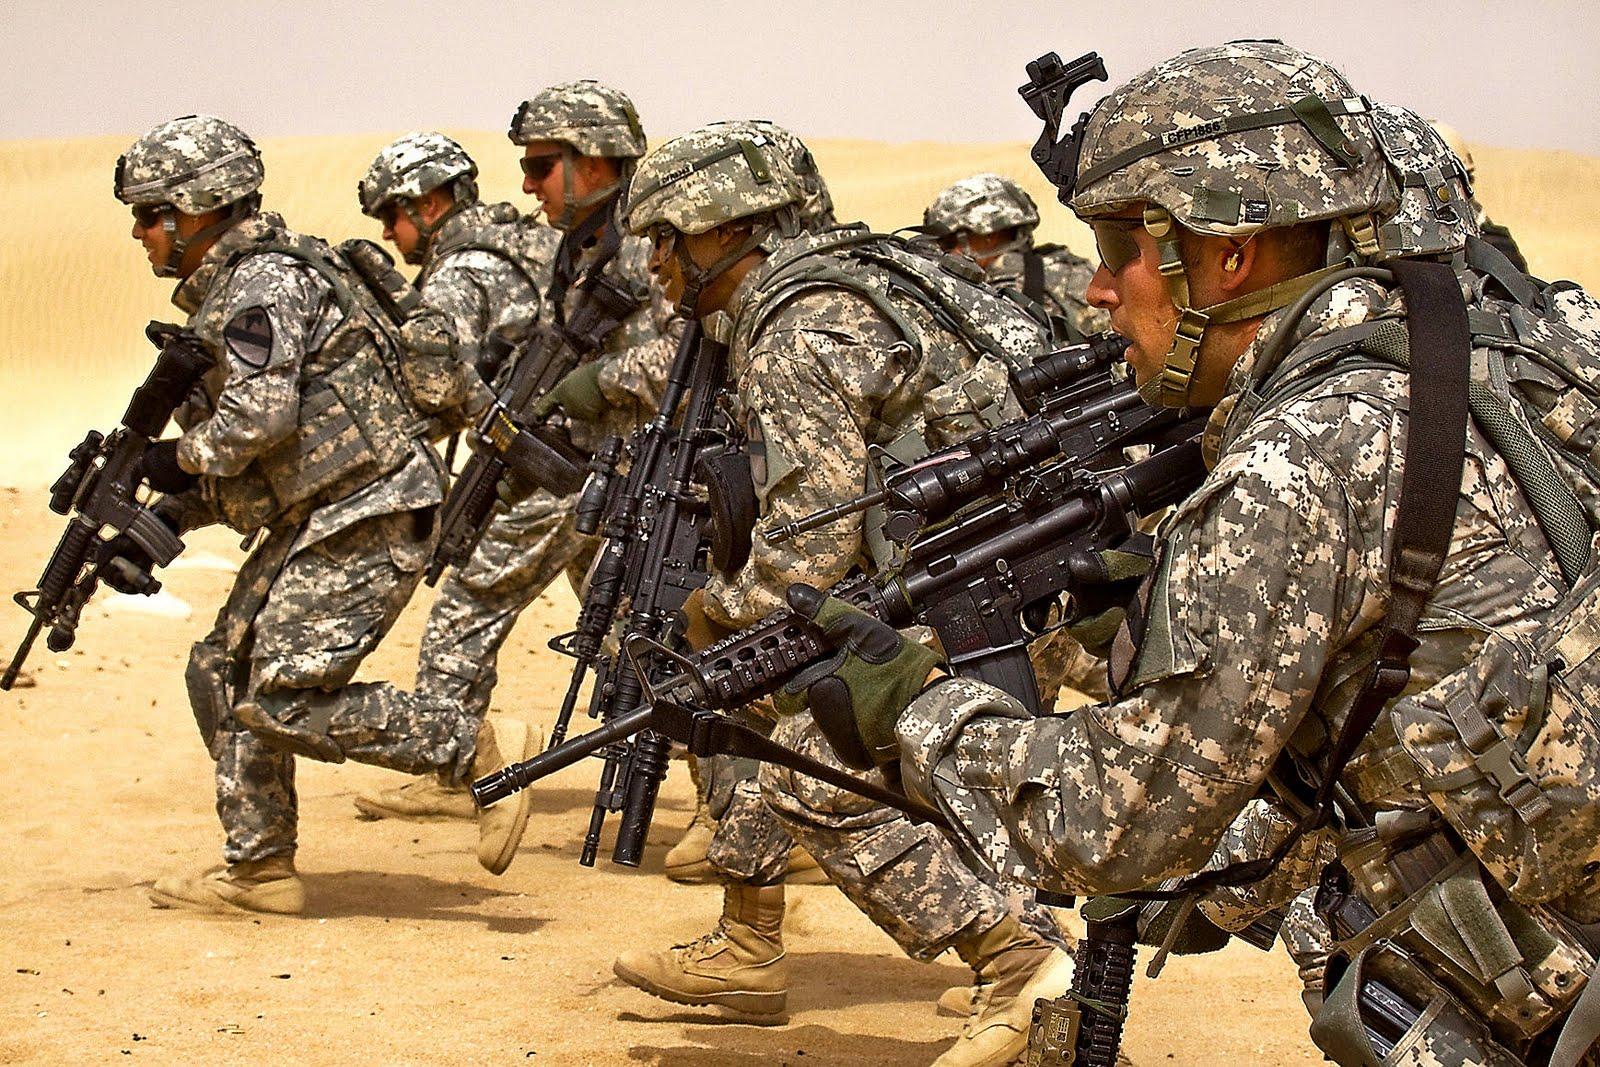 Askere giderken yanımızda götürülecekler listesi